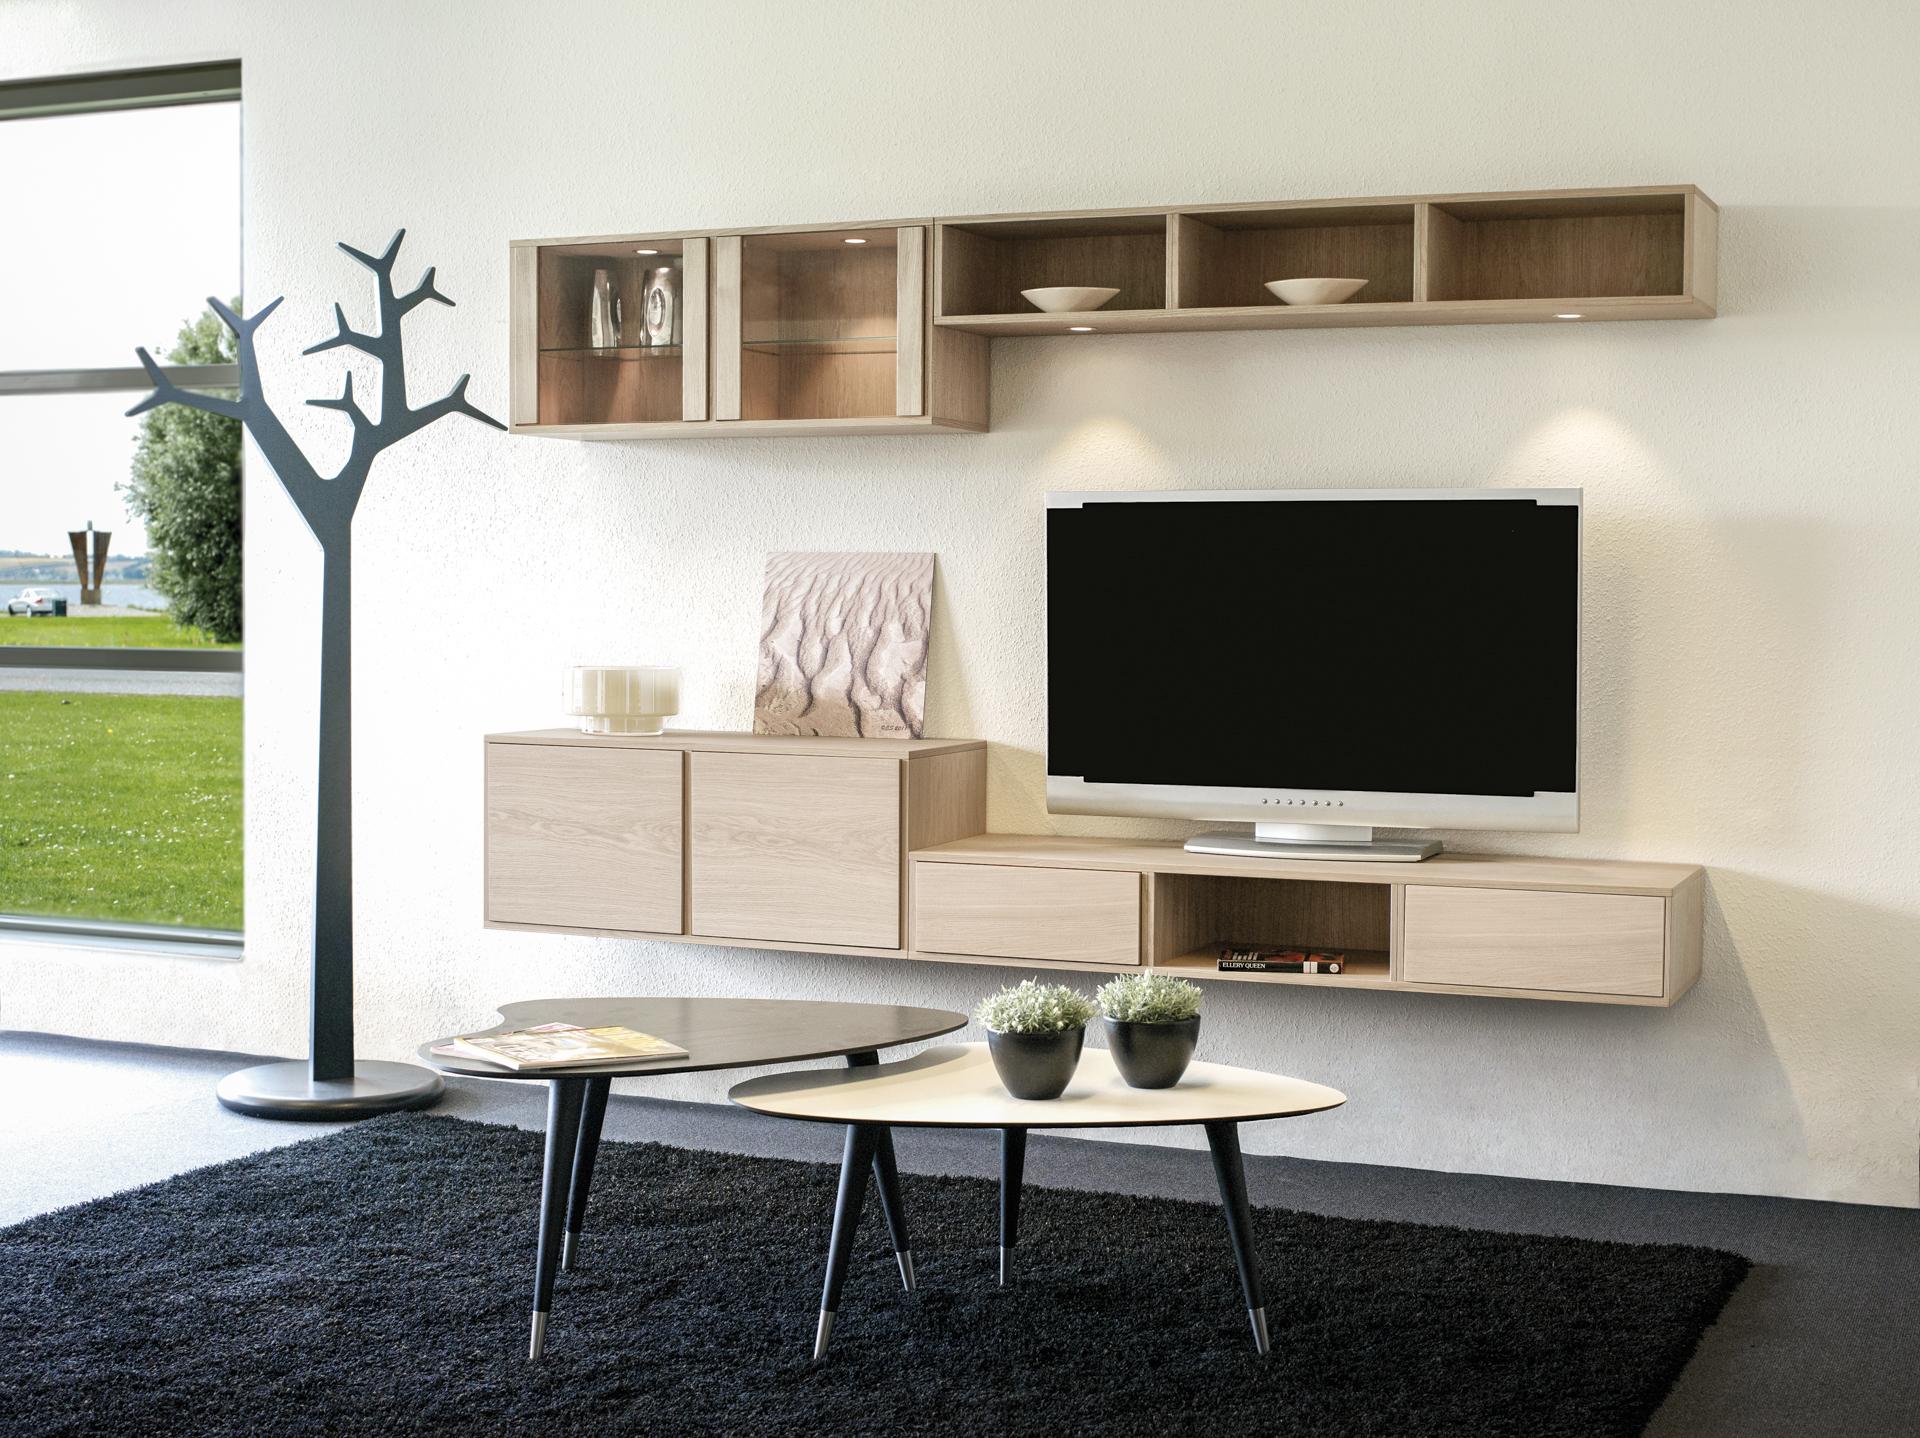 Stuen - Klim Furniture A/S